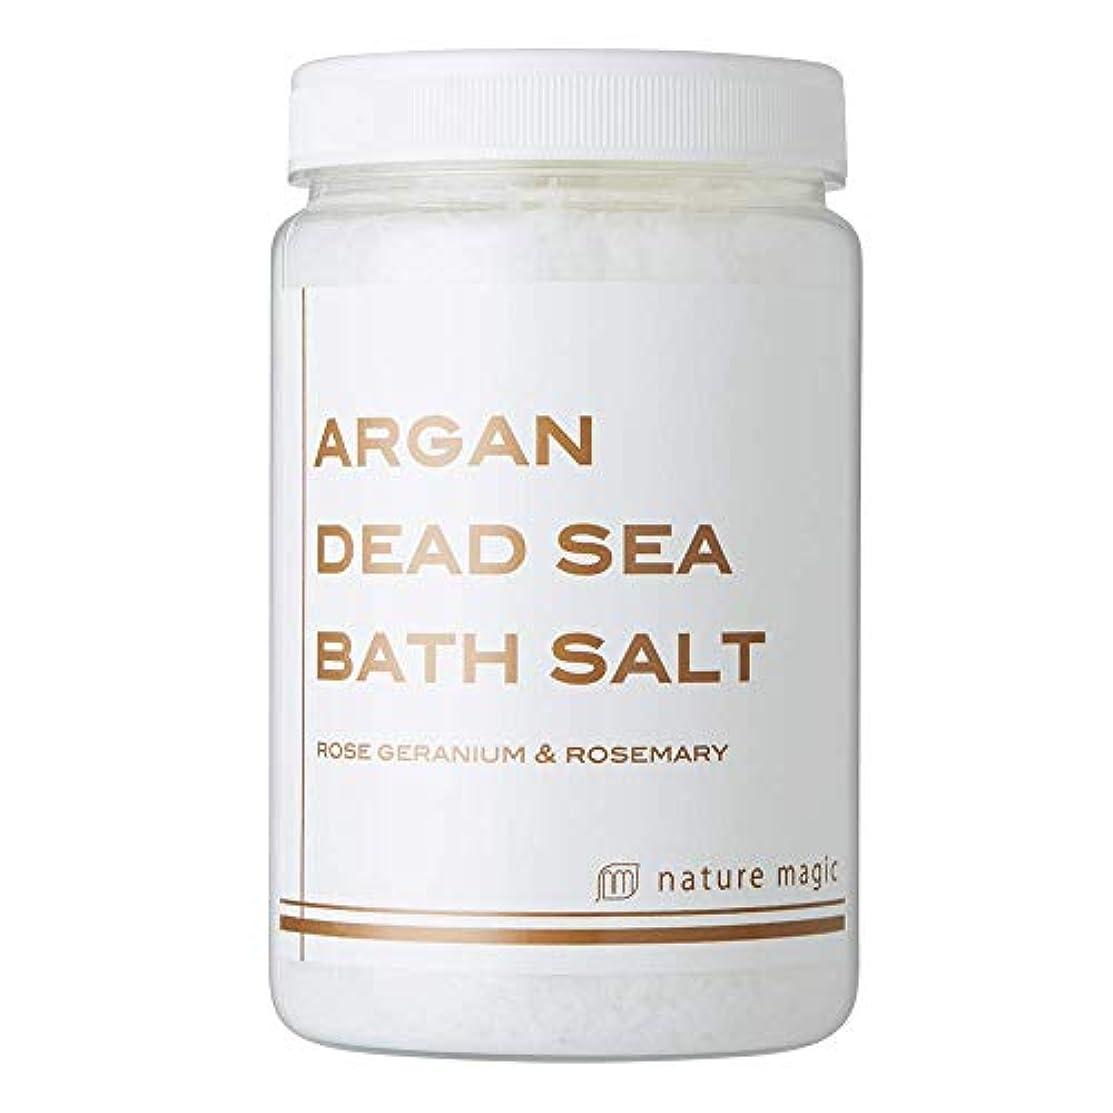 整理する学ぶ冷淡な【死海の天然塩にアルガンオイルを配合した全身ポカポカ、お肌つるつる入浴剤】アルガンデッドシーバスソルト